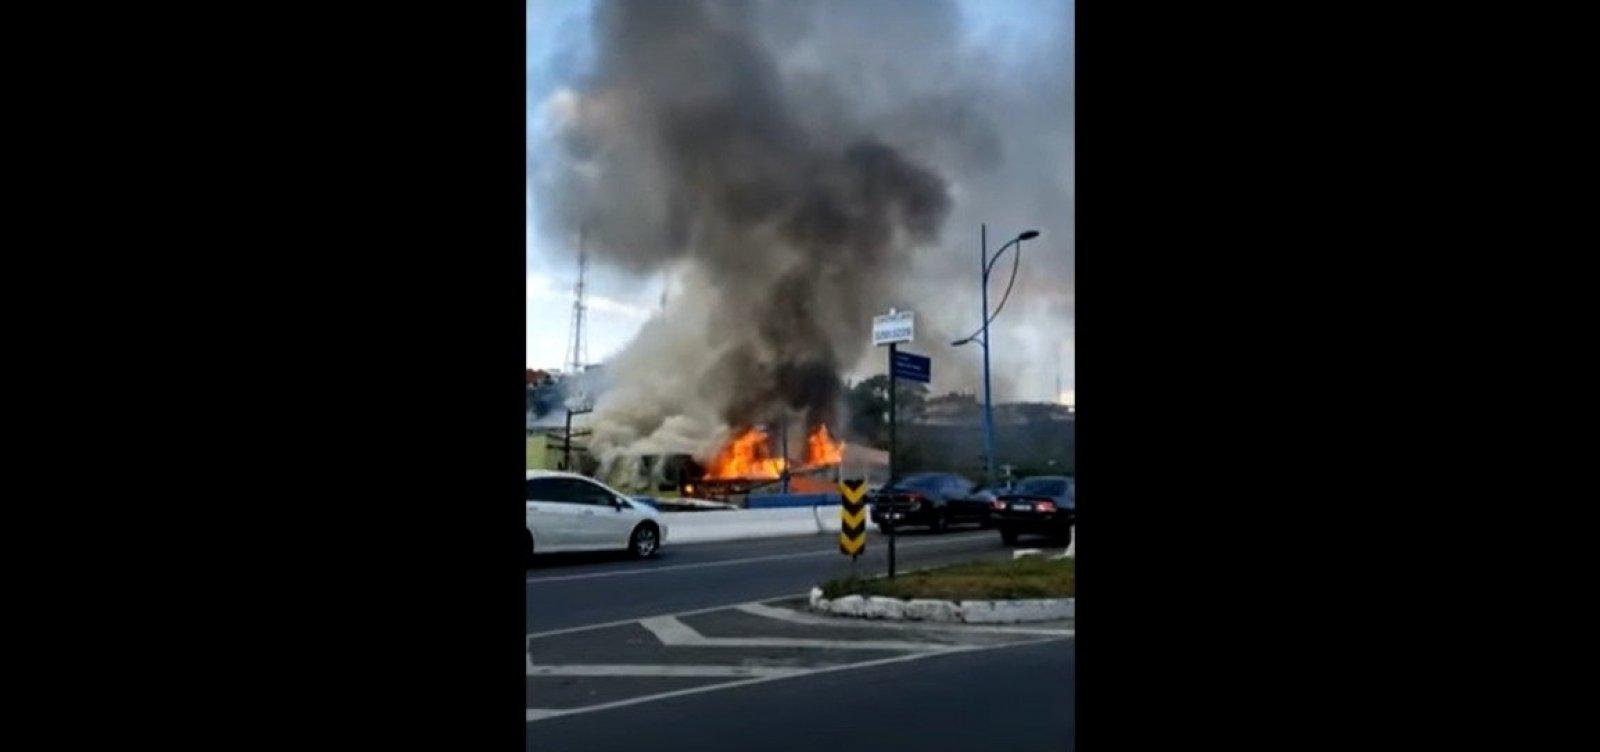 Loja de autopeças pega fogo na Vasco da Gama